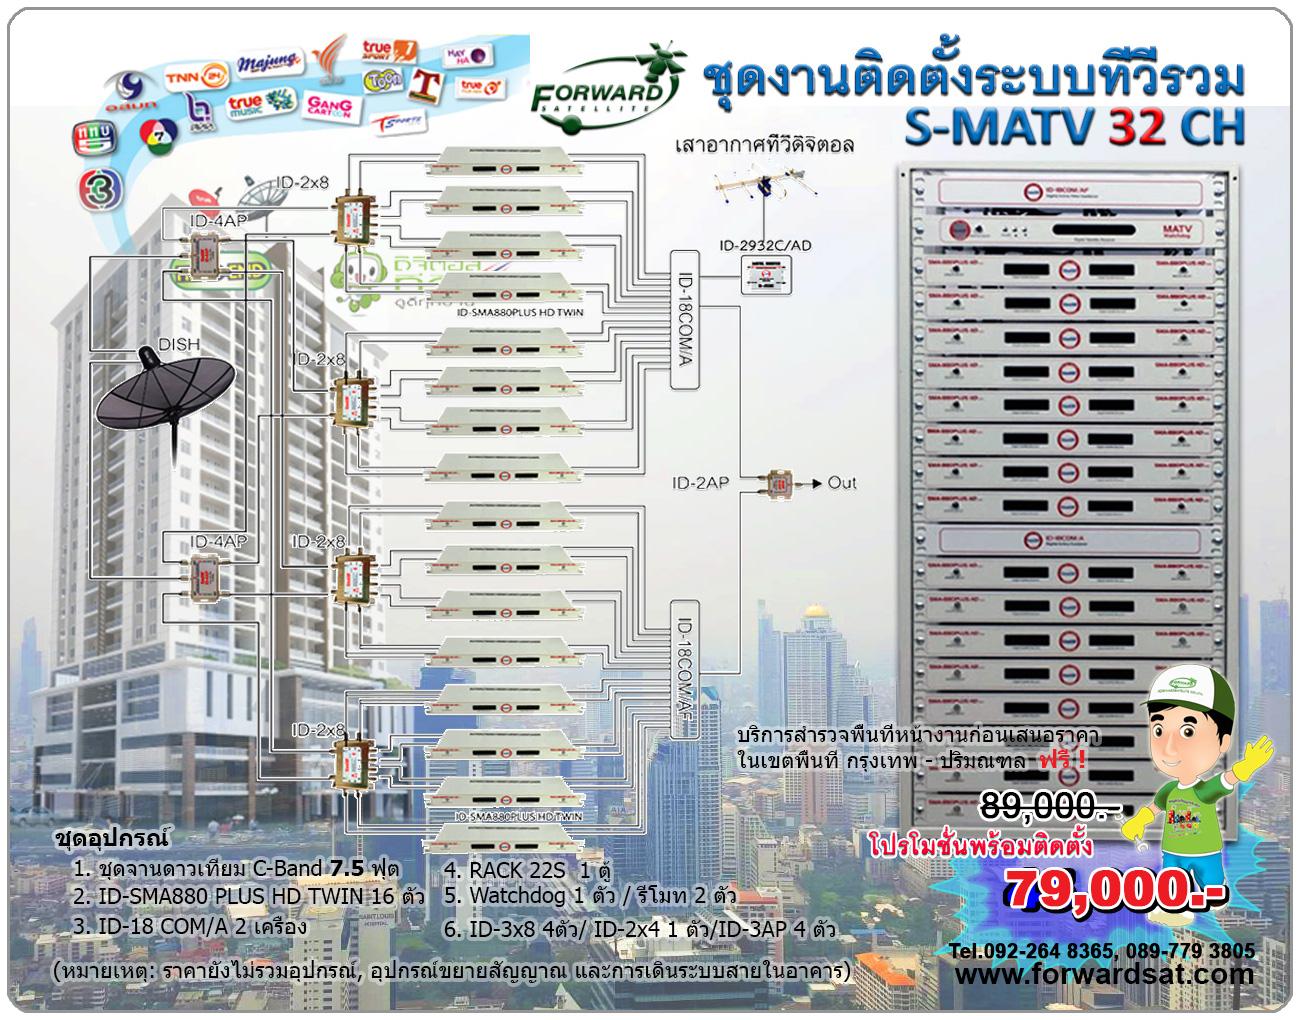 ชุดงานระบบทีวีรวม MATV IDEASAT 32 ช่อง ID-SMA 880 Plus HD TWIN 32 ช่อง